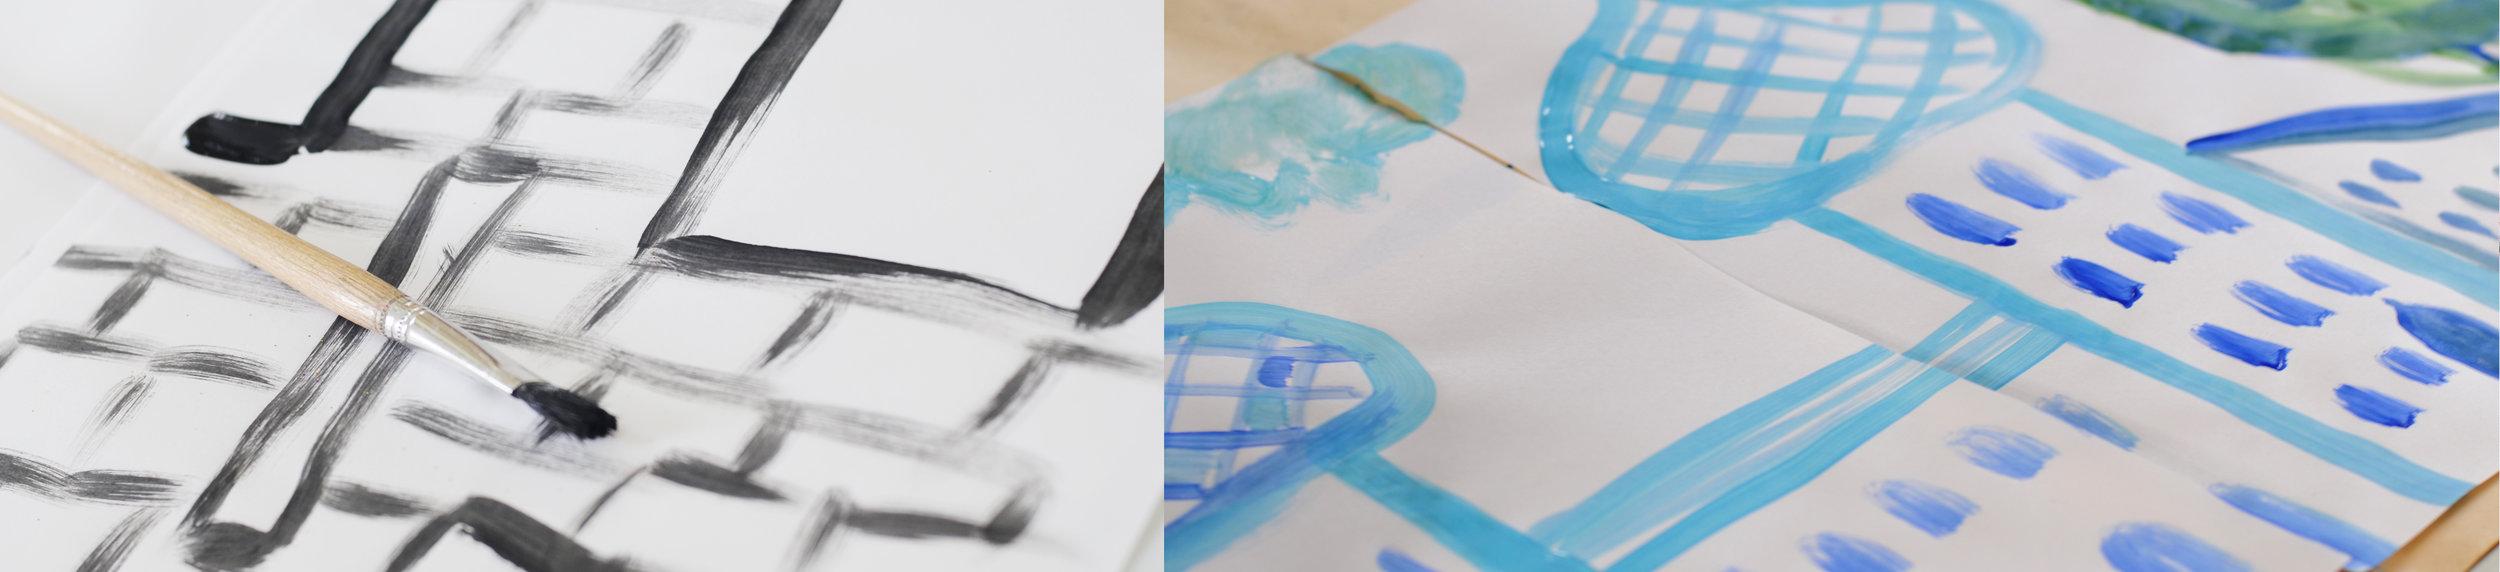 kids drawings 1.jpg